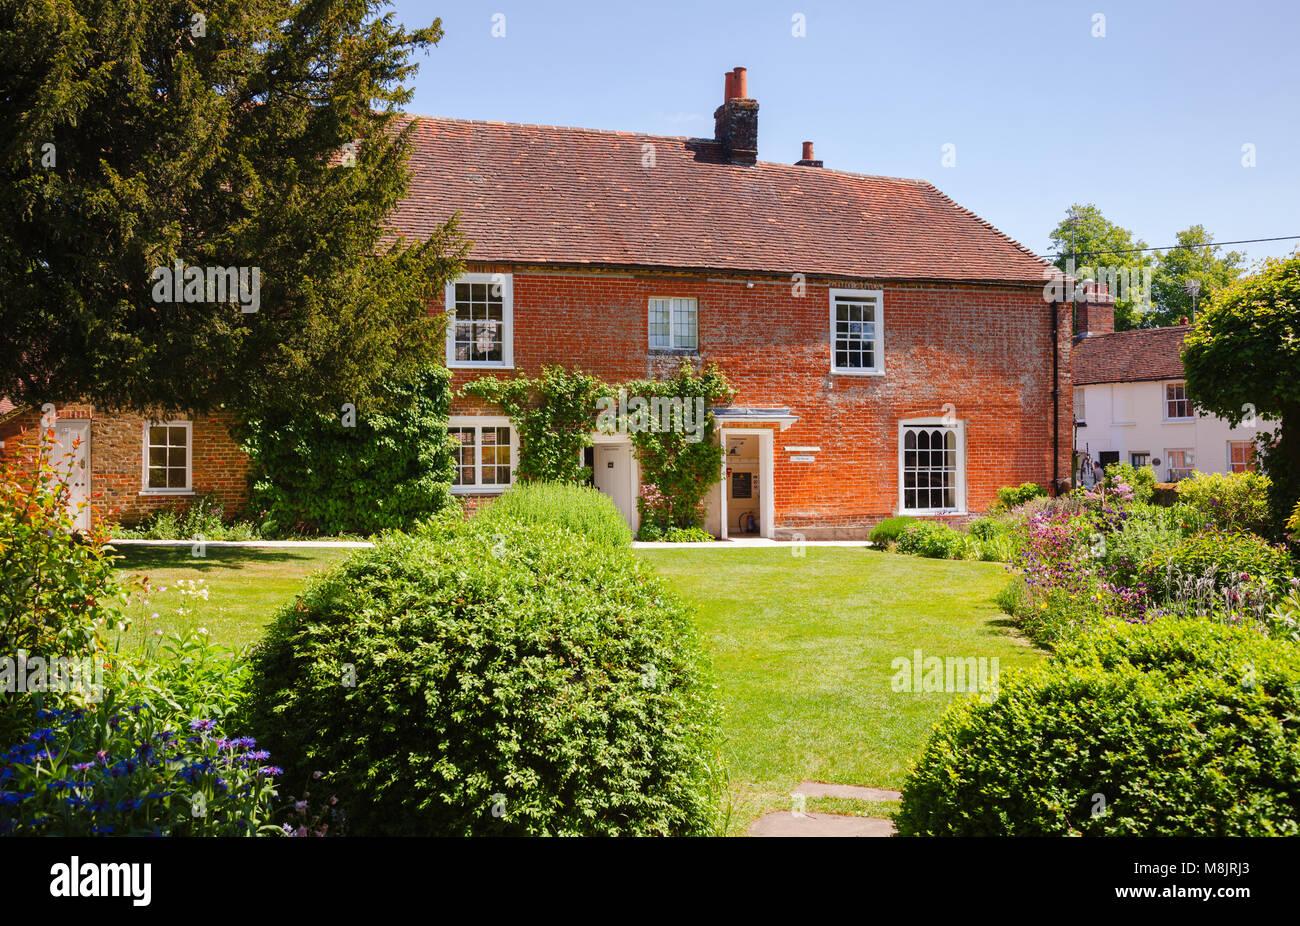 CHAWTON, REINO UNIDO - jun 8, 2013: el césped en el jardín formal de Chawton Cottage, un museo independiente Imagen De Stock